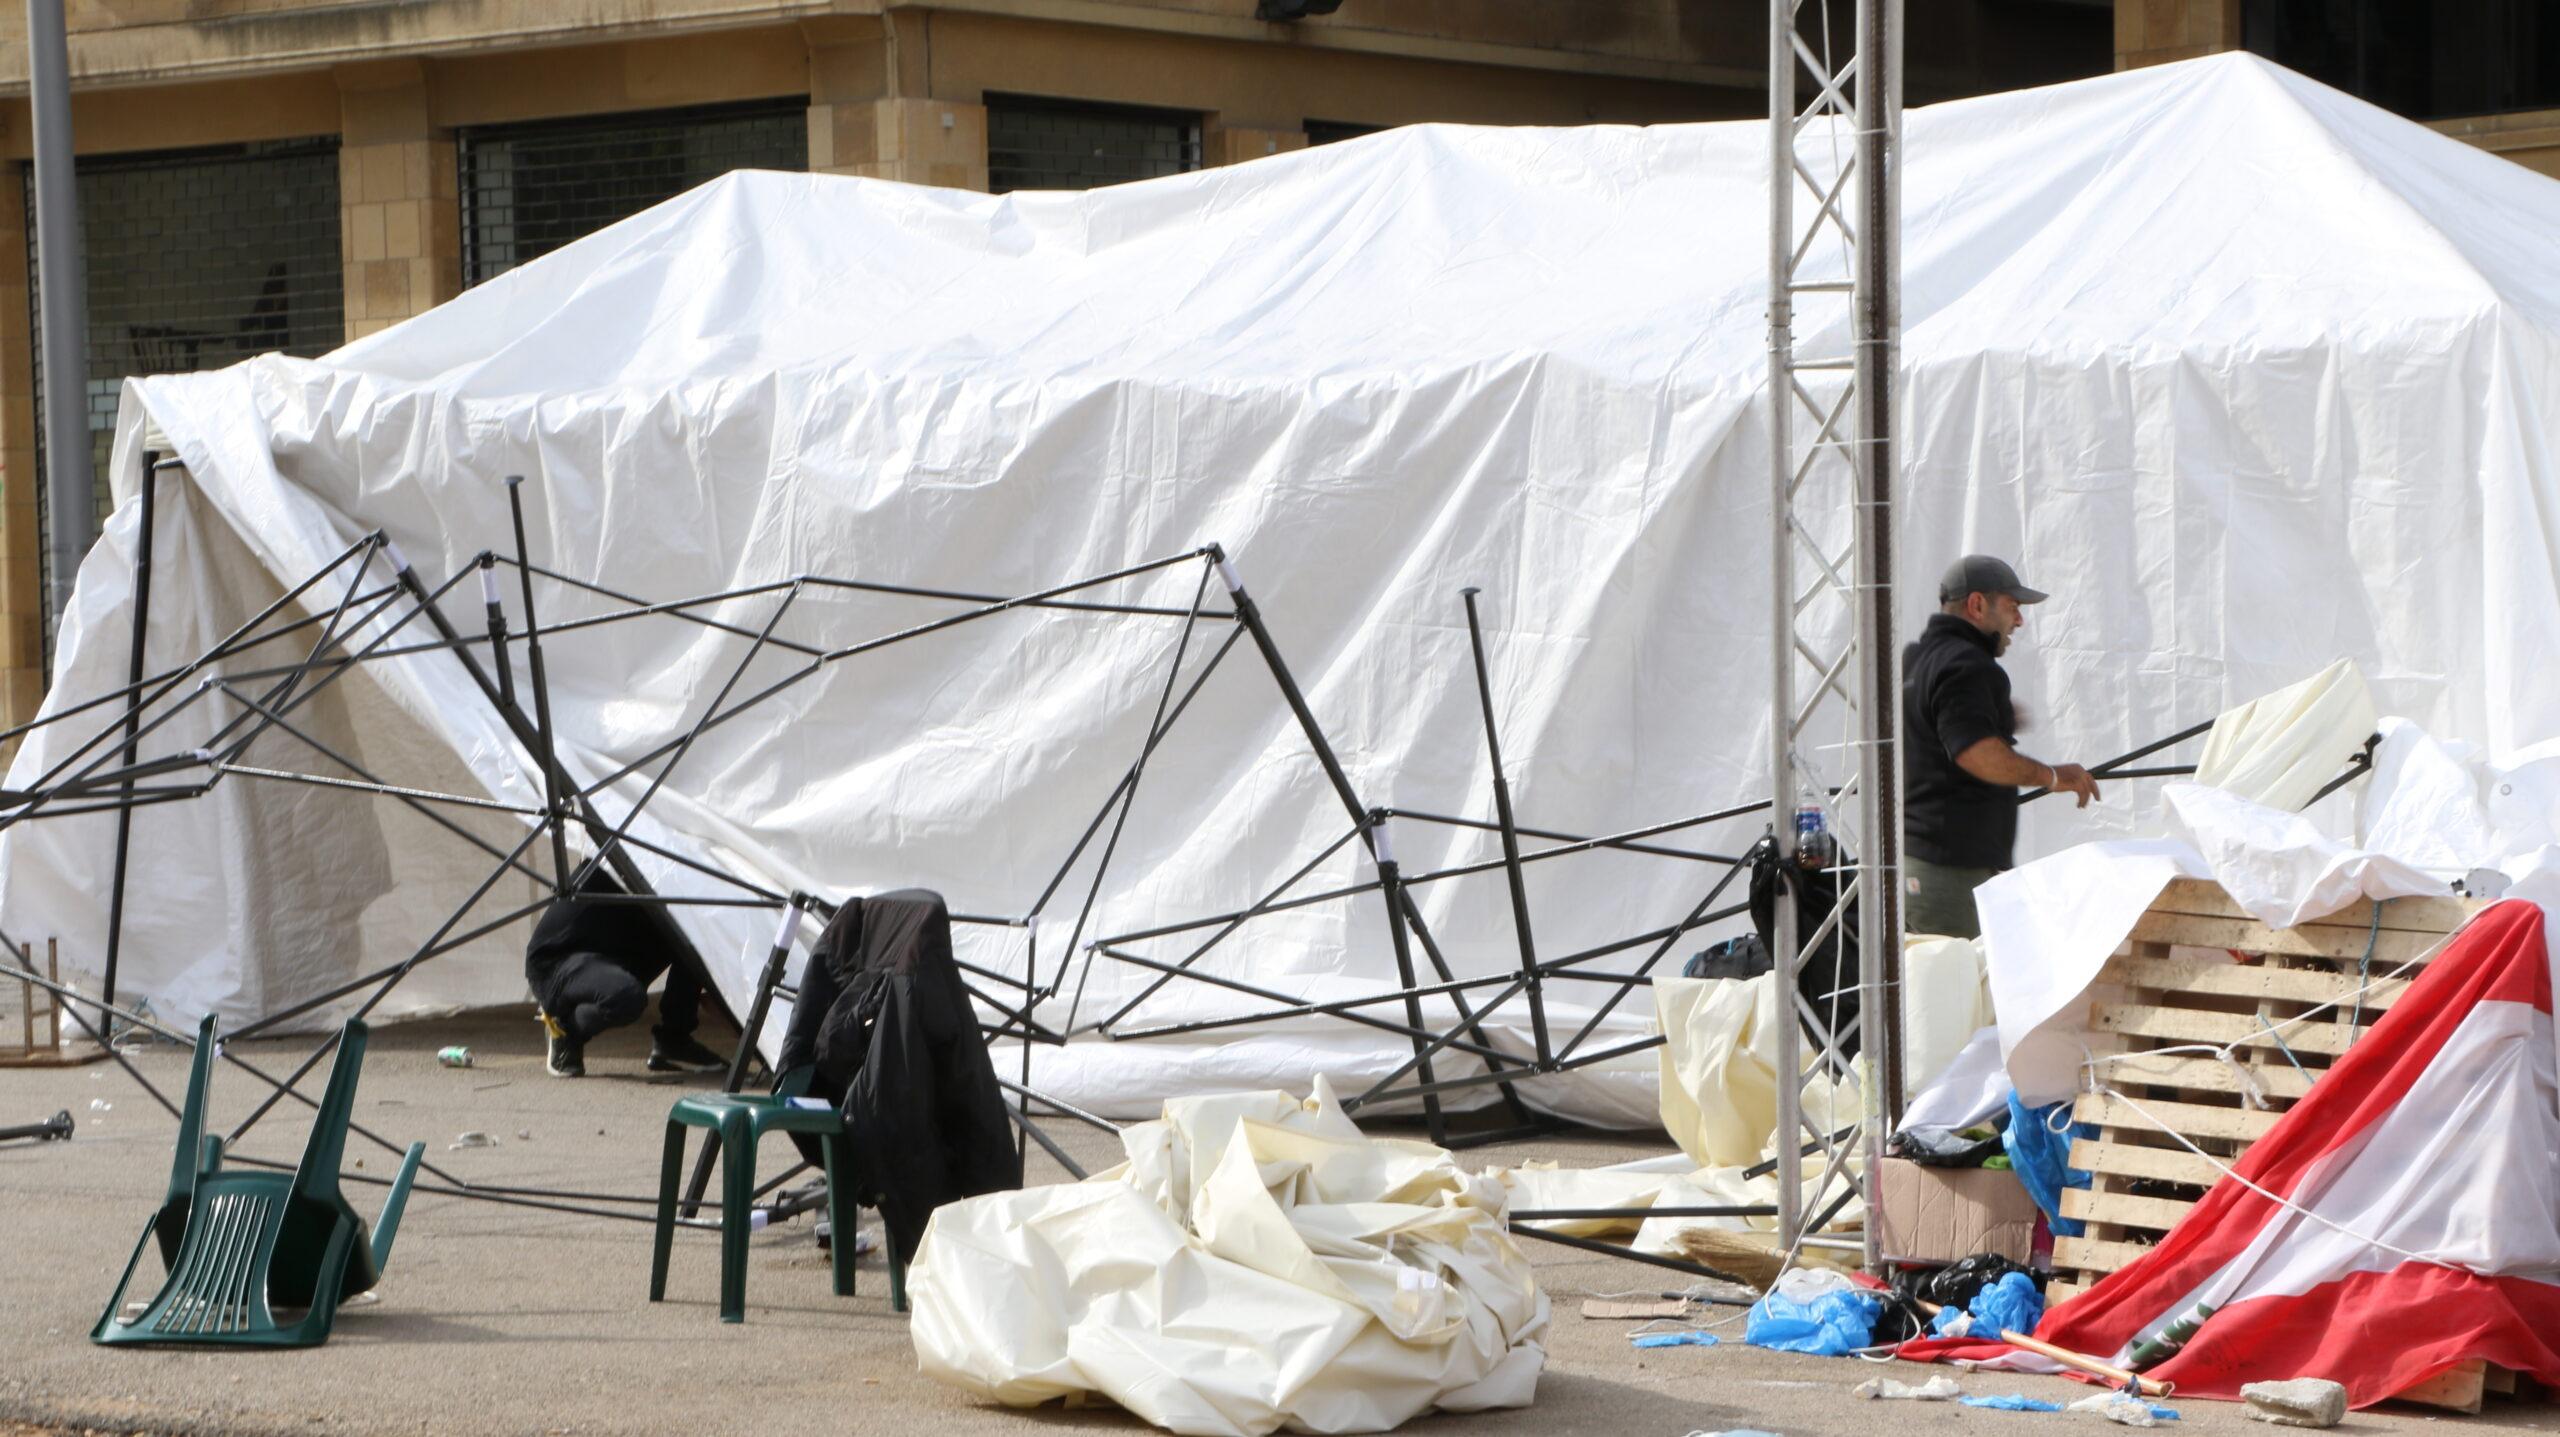 مناصرو الأحزاب يهاجمون المتظاهرين مجدداً في بيروت.. وإعلام السلطة يلوم الانتفاضة على حادثة الجيّة